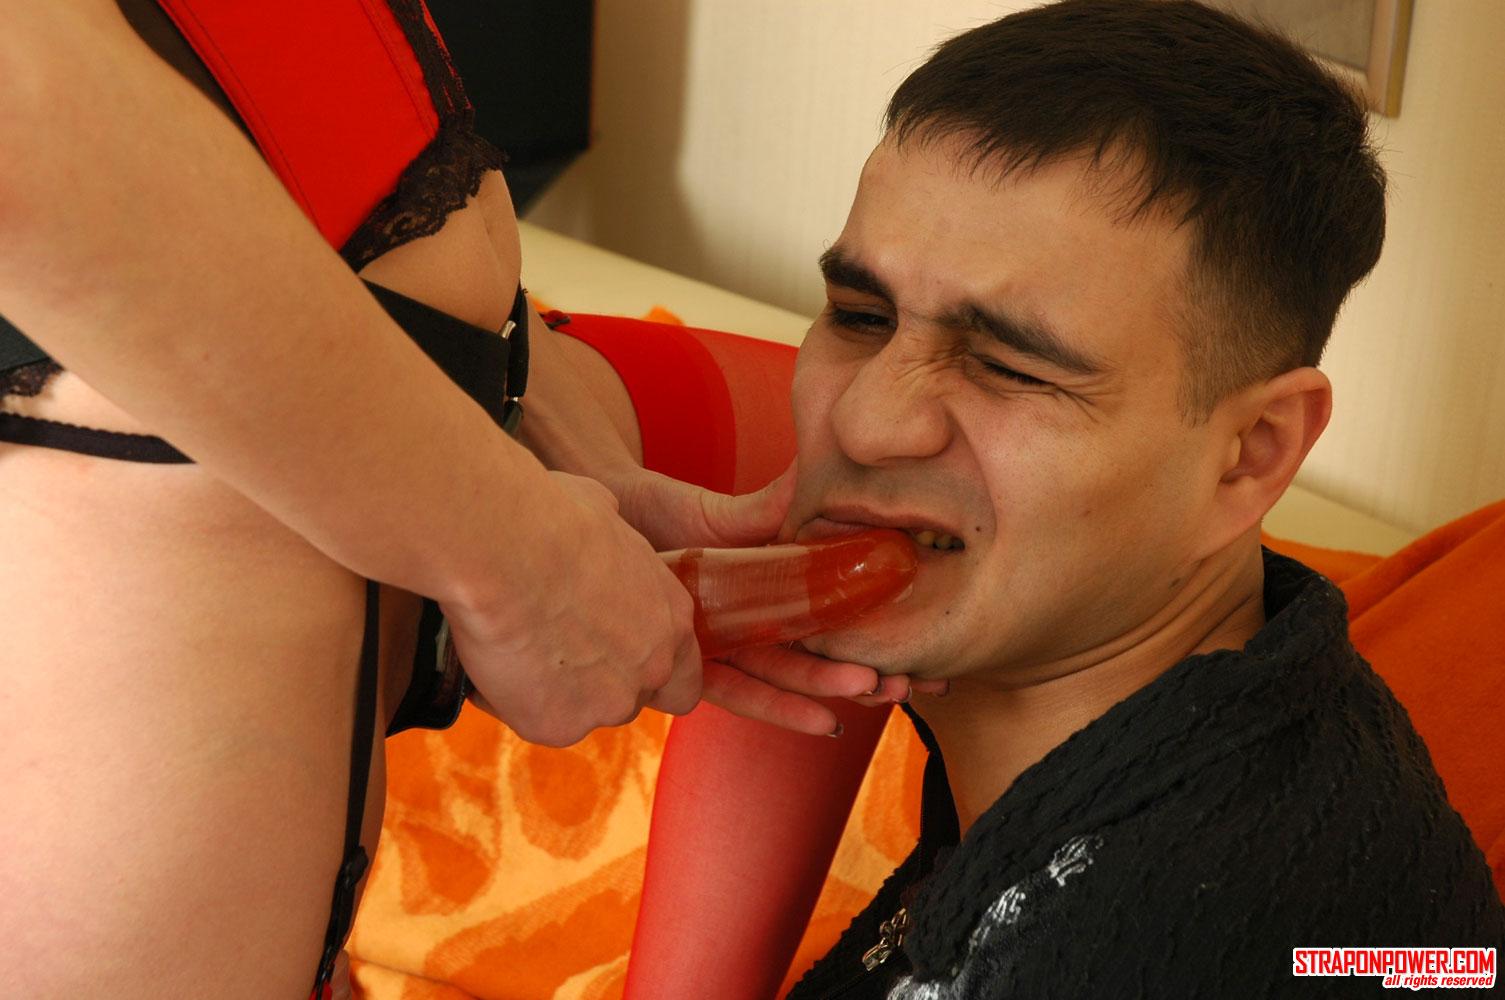 femdom berlin com vaginalpiercing